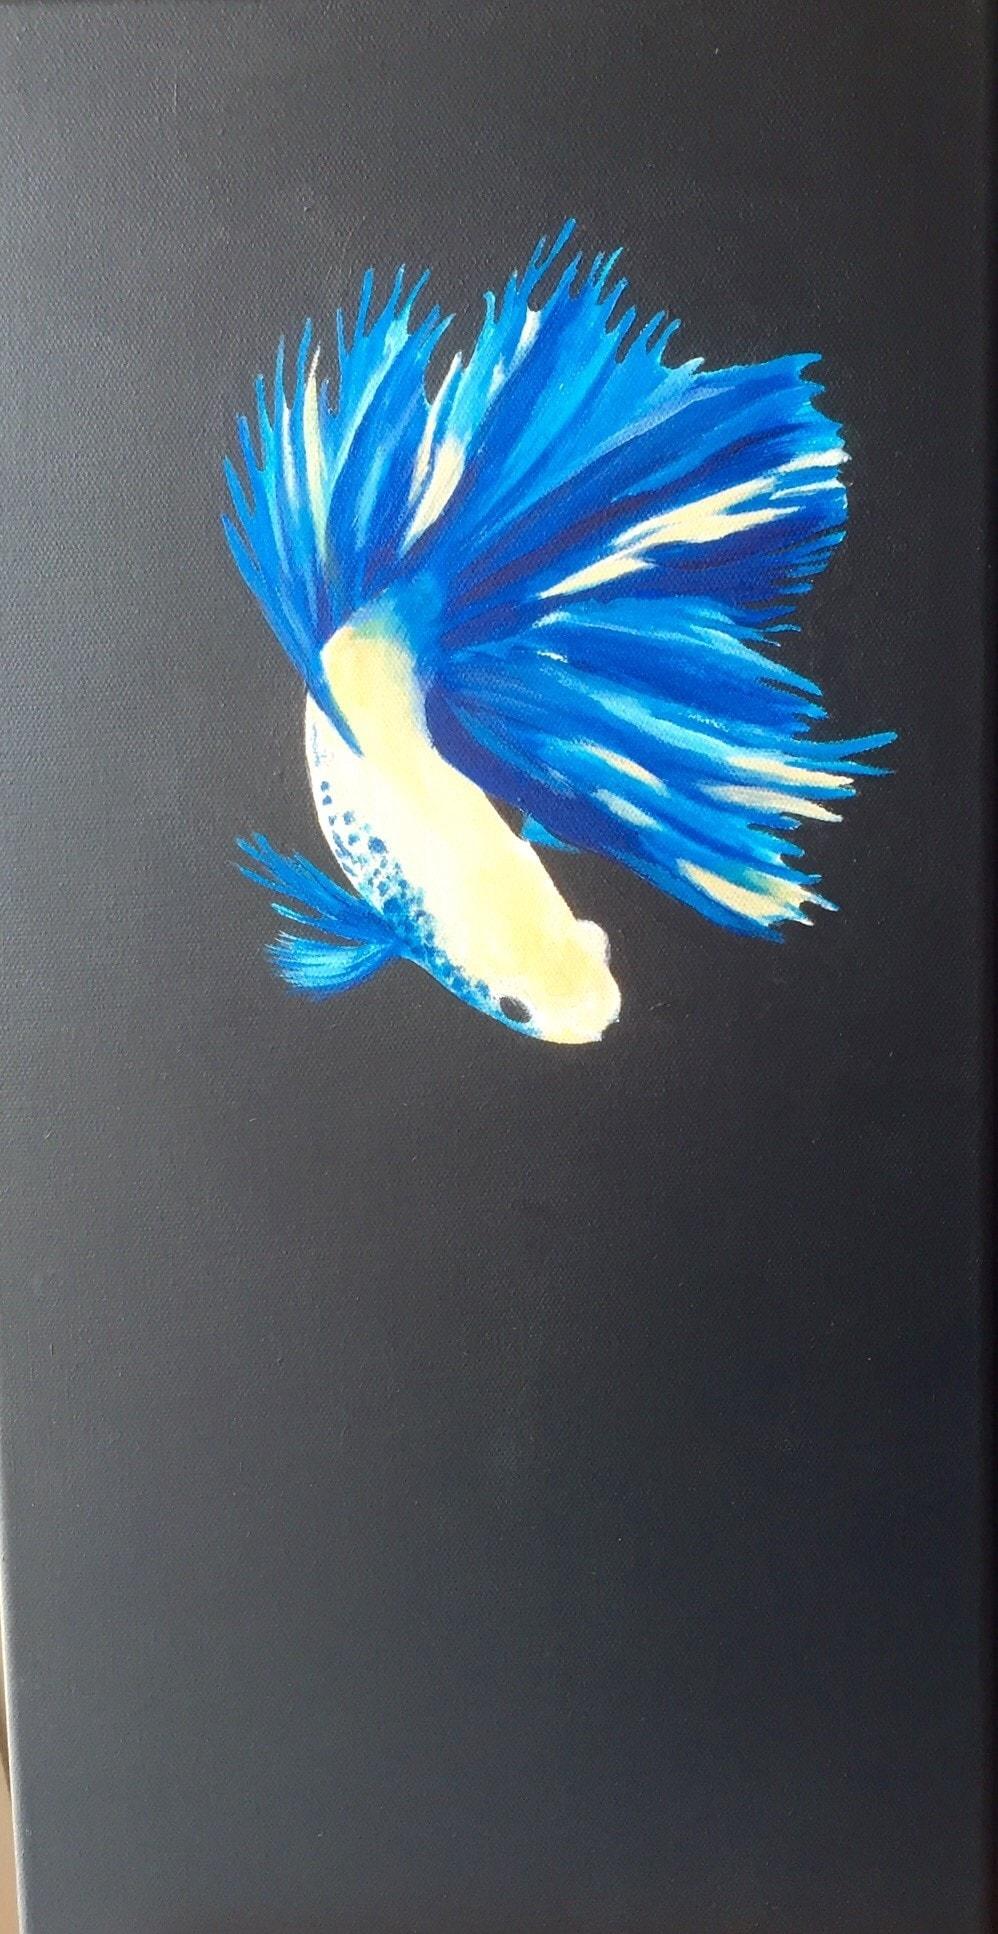 Siamese fighting fish III